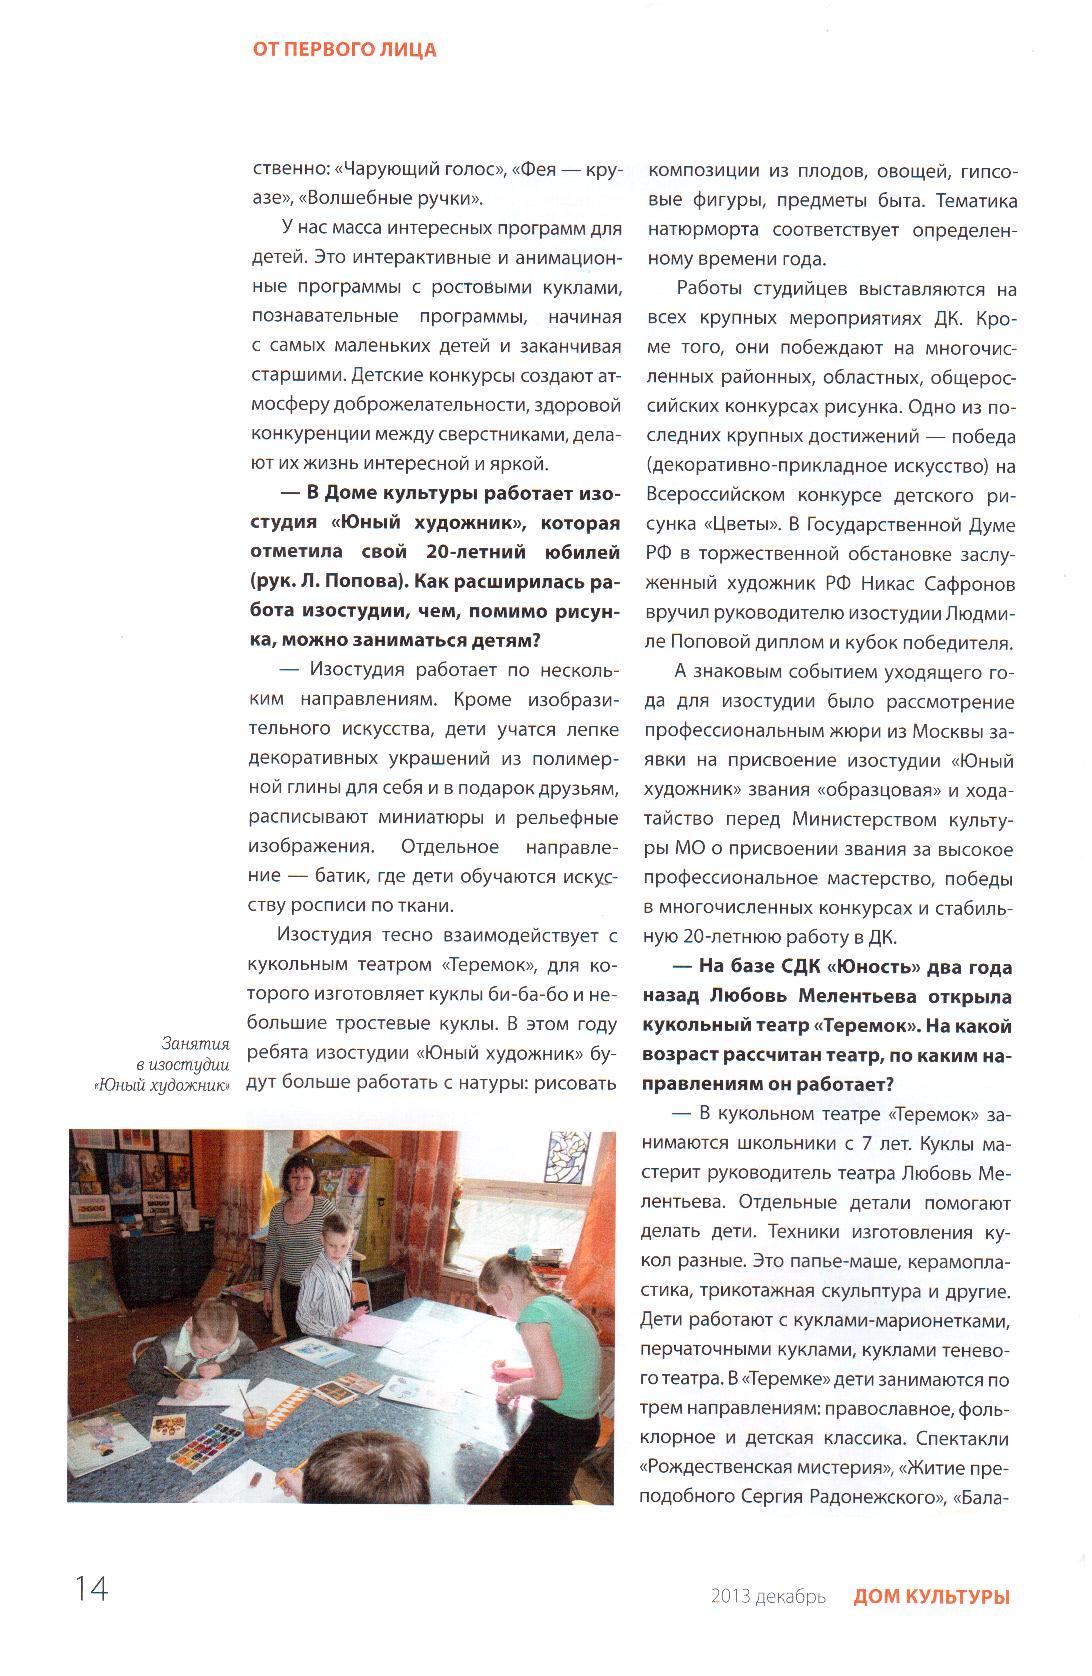 Статья_7стр. сайт.jpg